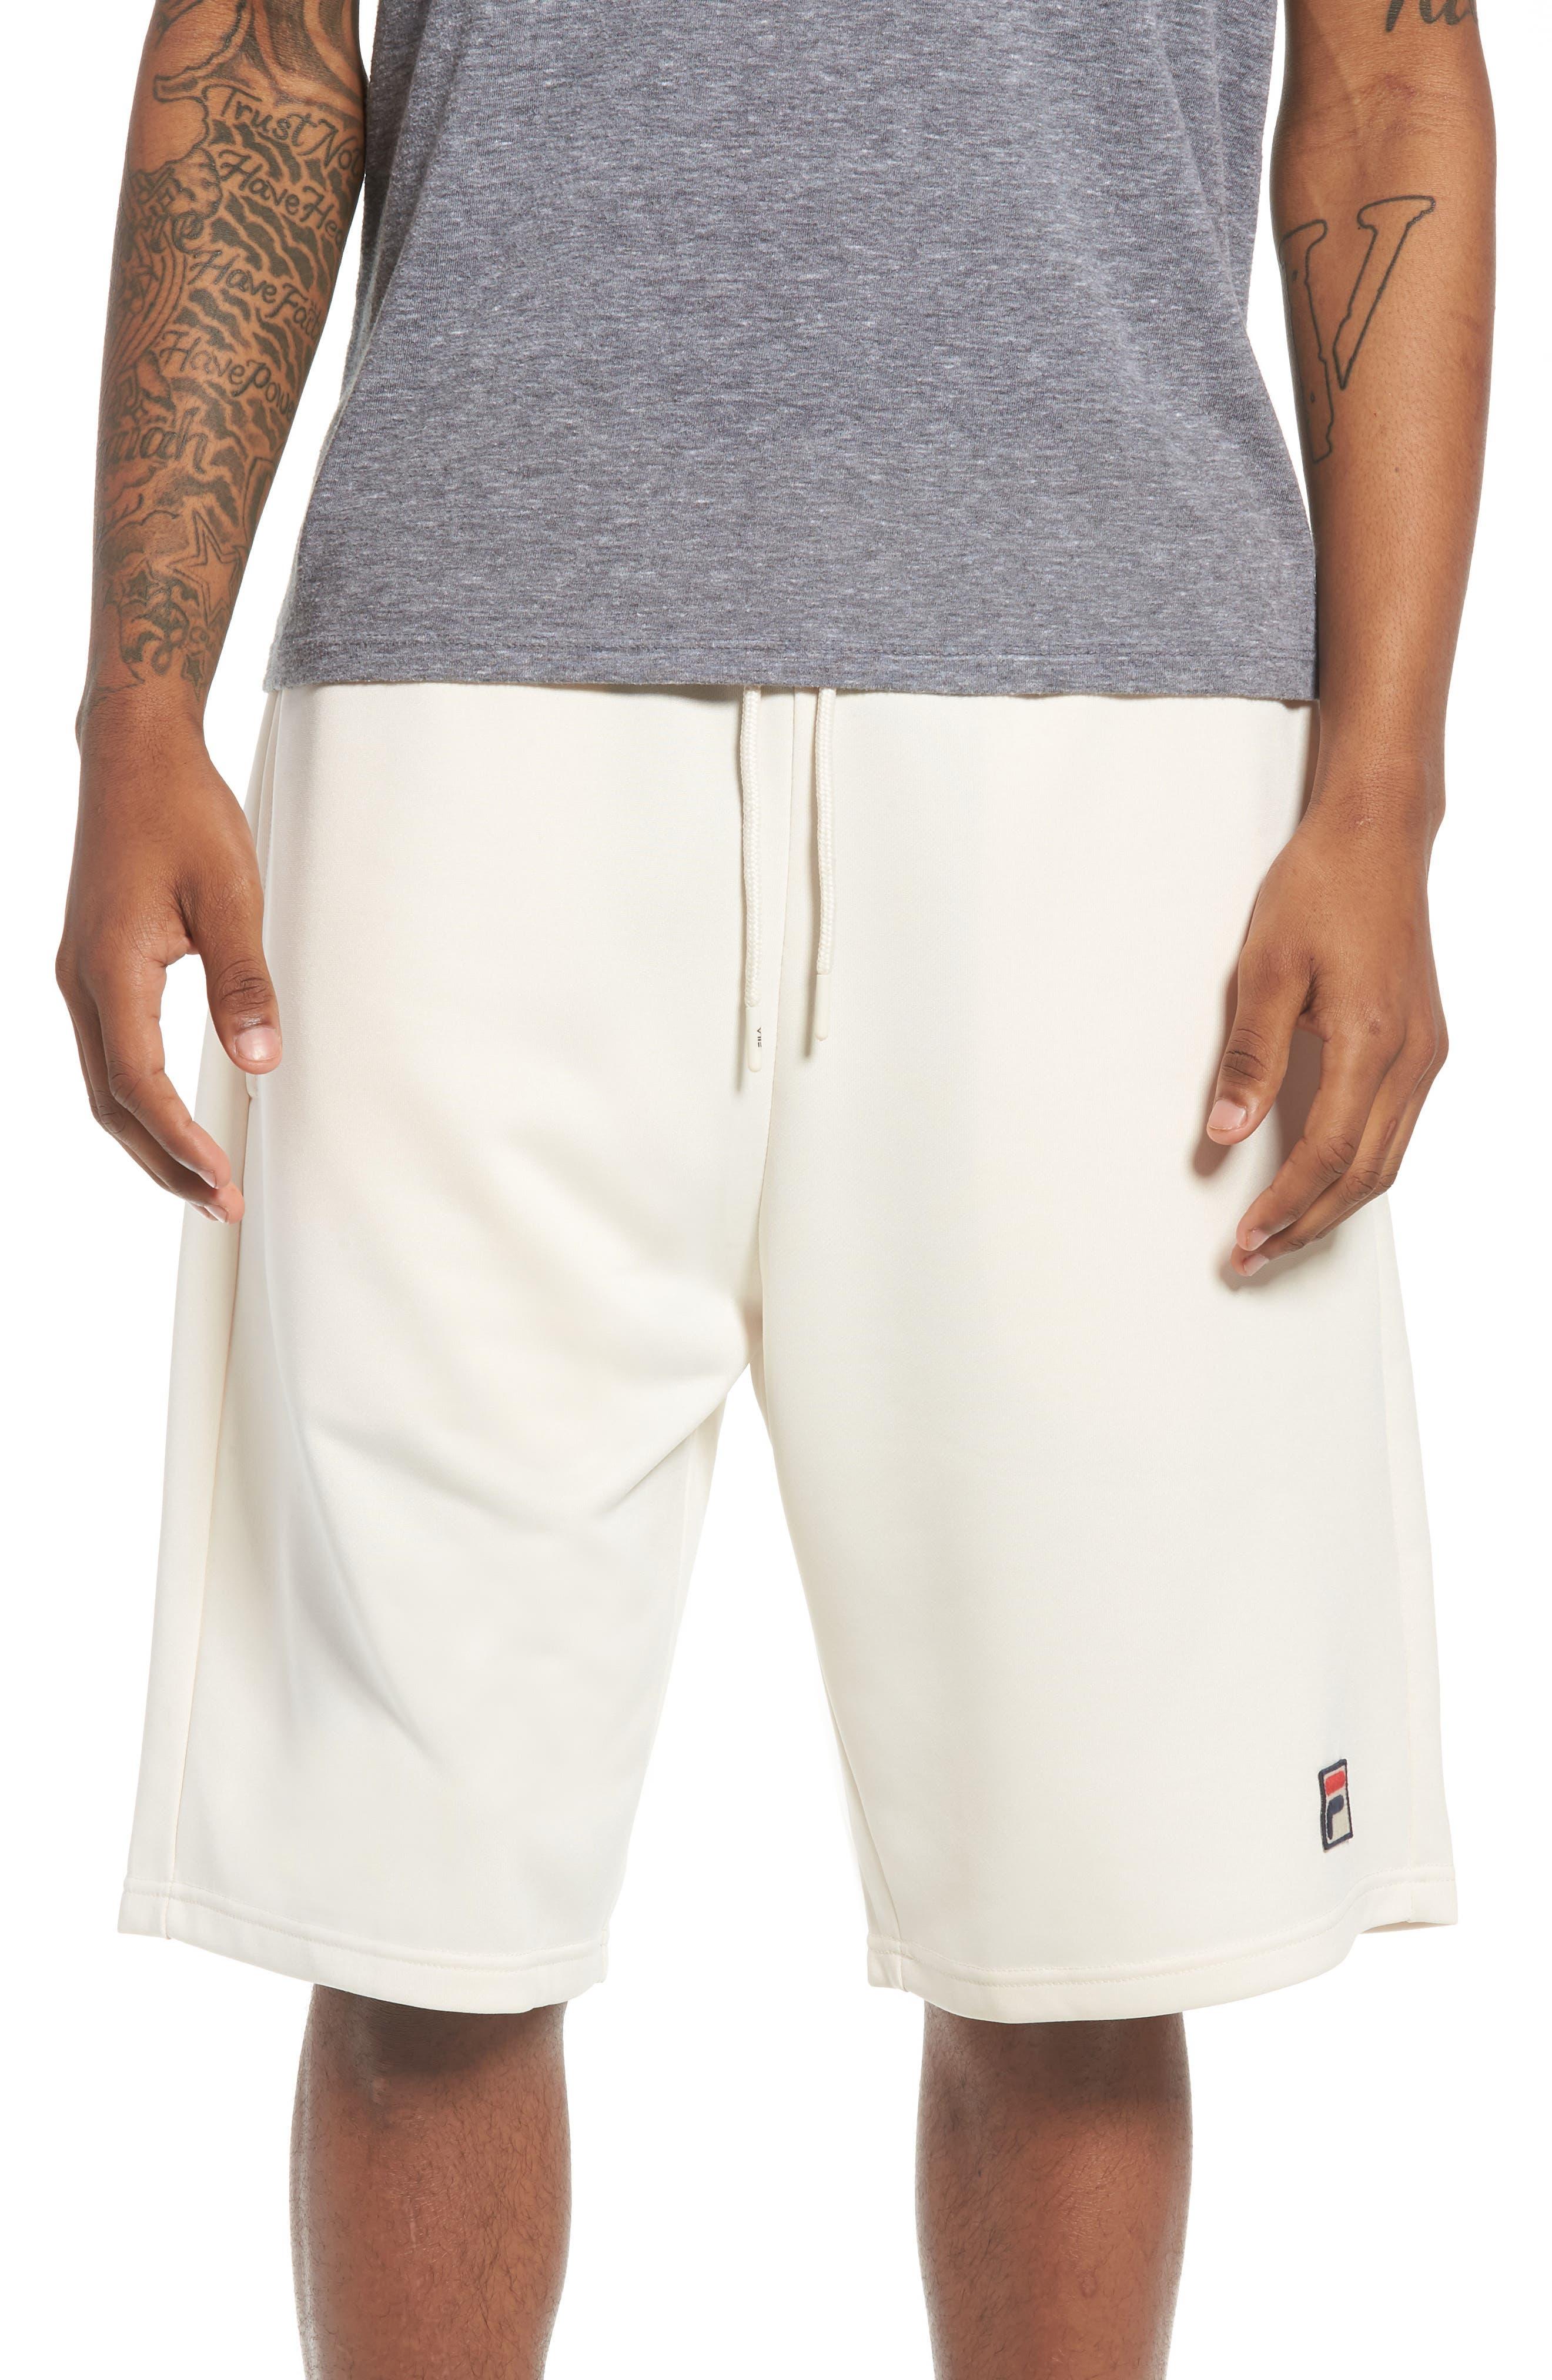 Dominico Shorts,                             Main thumbnail 1, color,                             130